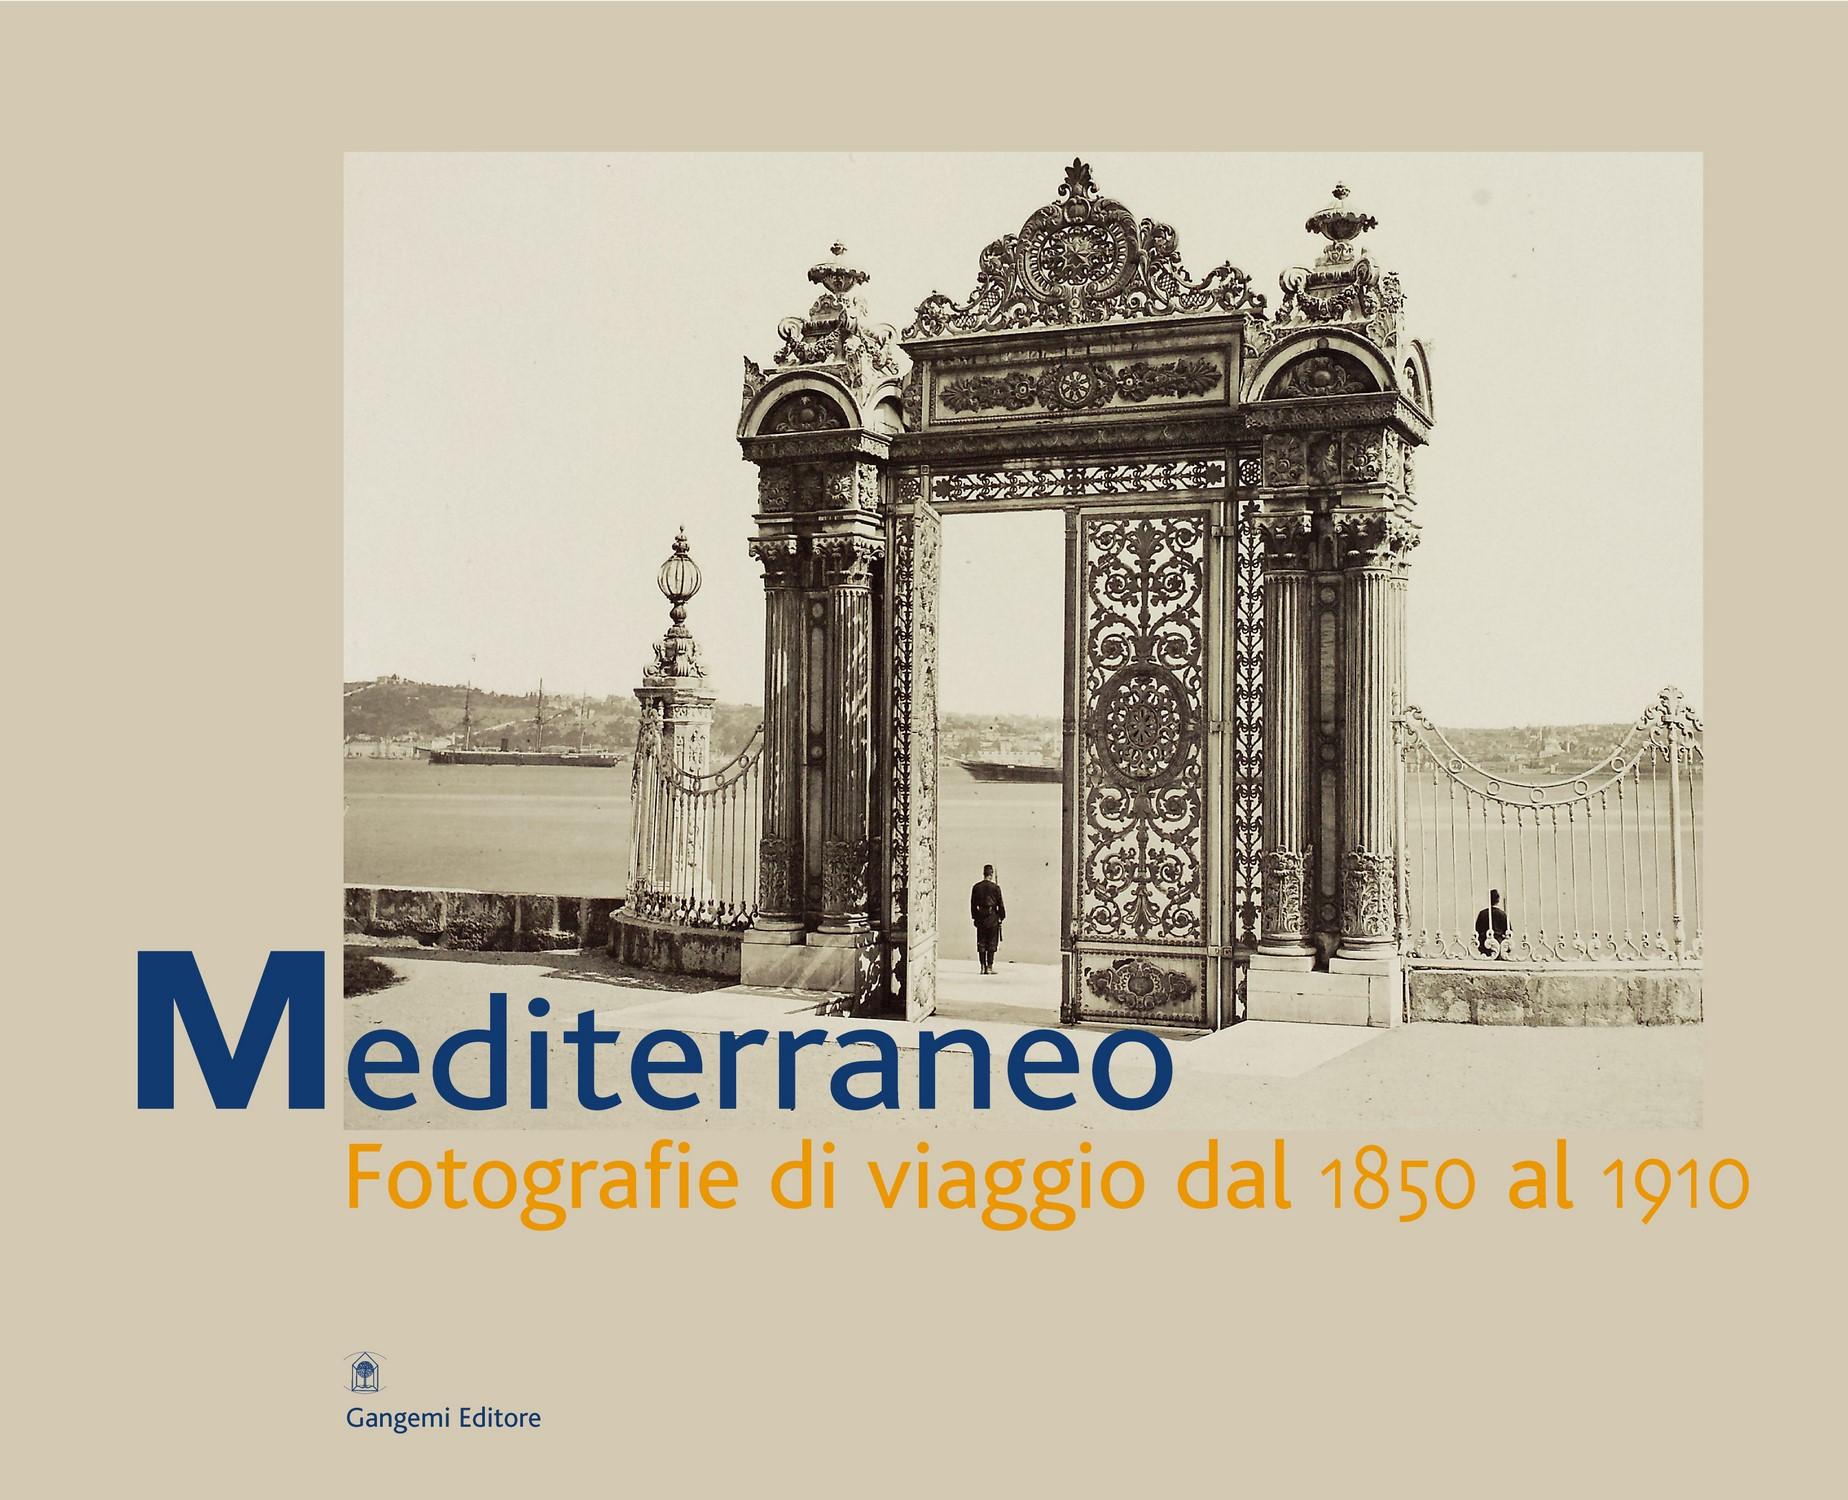 Mediterraneo : fotografie di viaggio dal 1850 al 1910